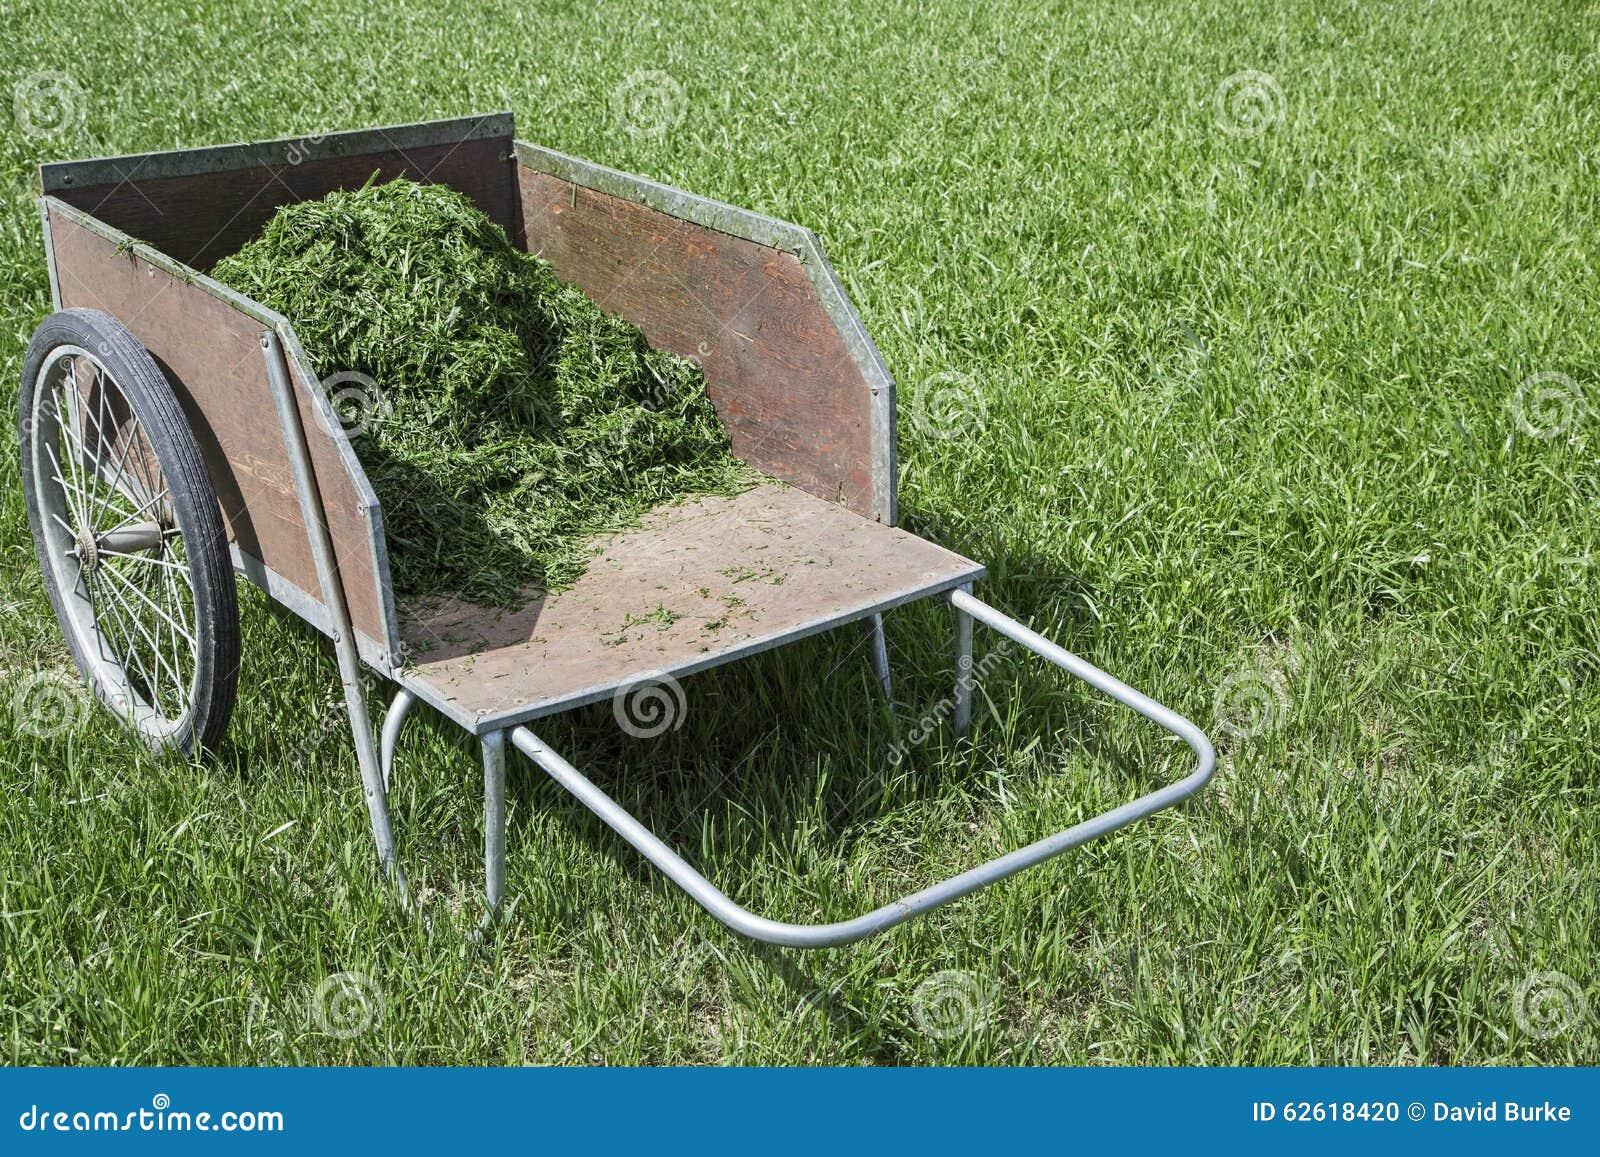 product op inch wid wheels wheelbarrow d ball hei bearing jsp martin w sharpen and garden wheel hub cart details prod universal